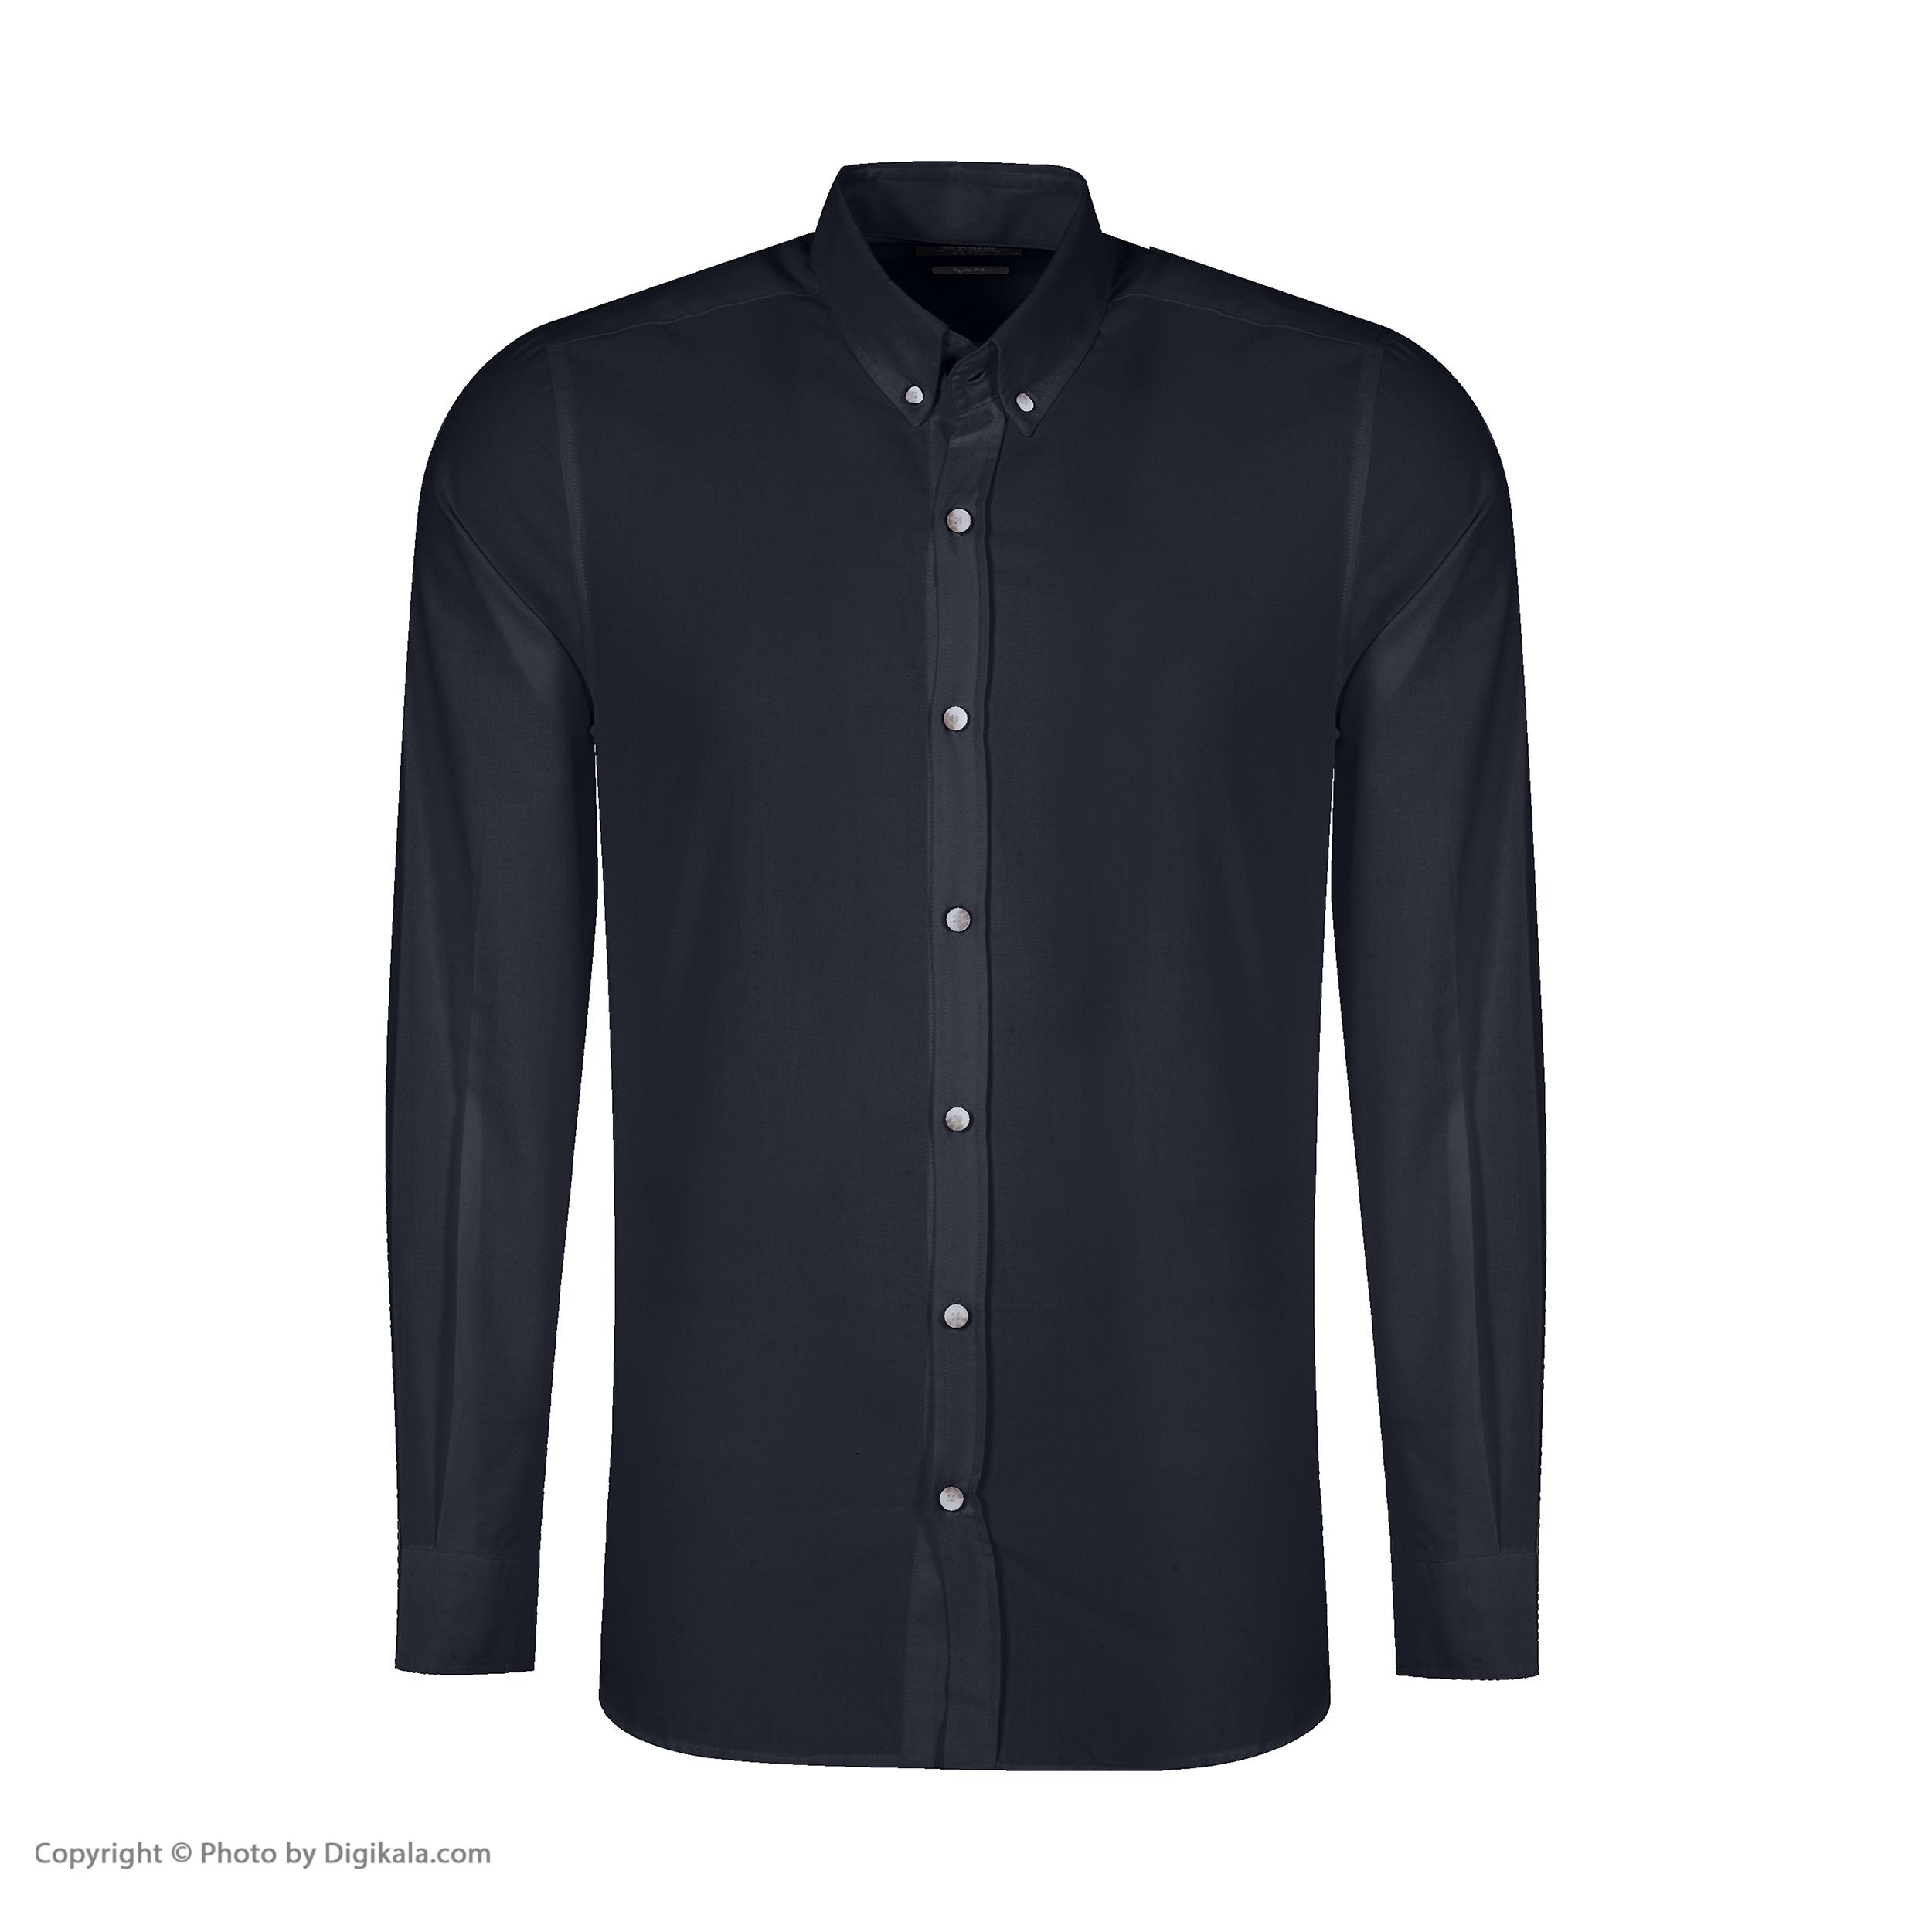 پیراهن آستین بلند مردانه ال سی وایکیکی مدل 220SA013Z8-HUC-BLACK2222222